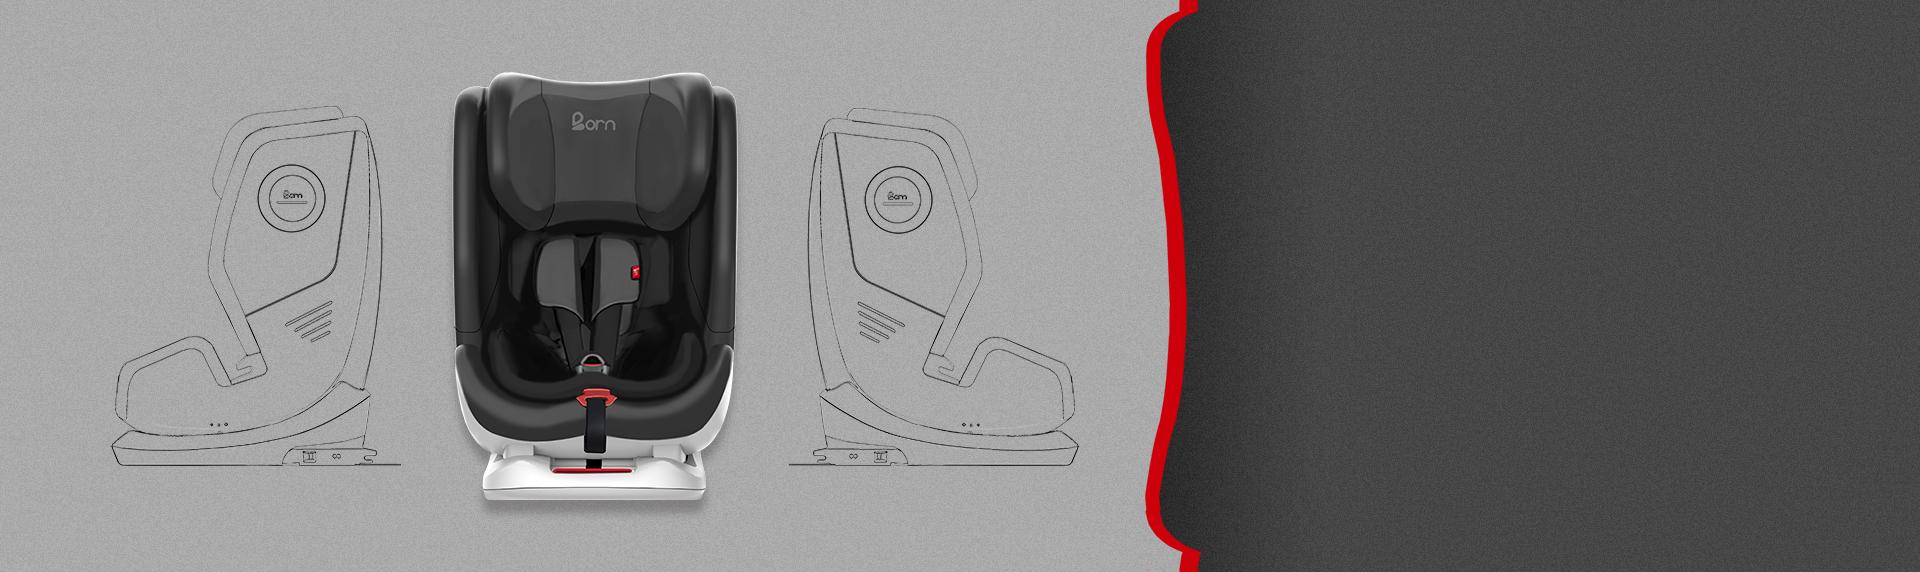 SSC设计-儿童安全座椅设计